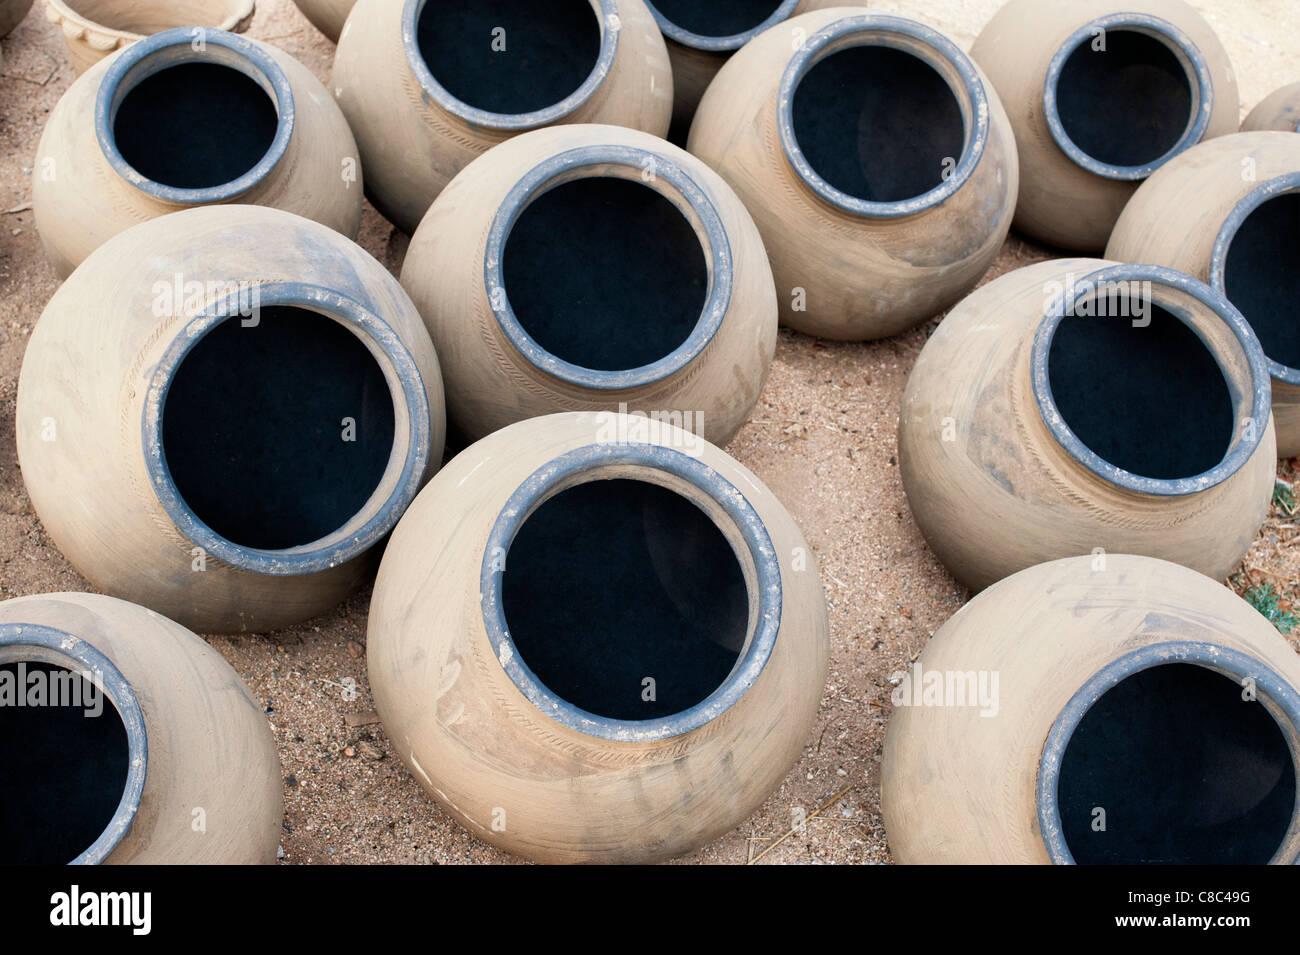 Fatto a mano indian vasi d'acqua essiccazione al sole prima della cottura. Andhra Pradesh, India Immagini Stock